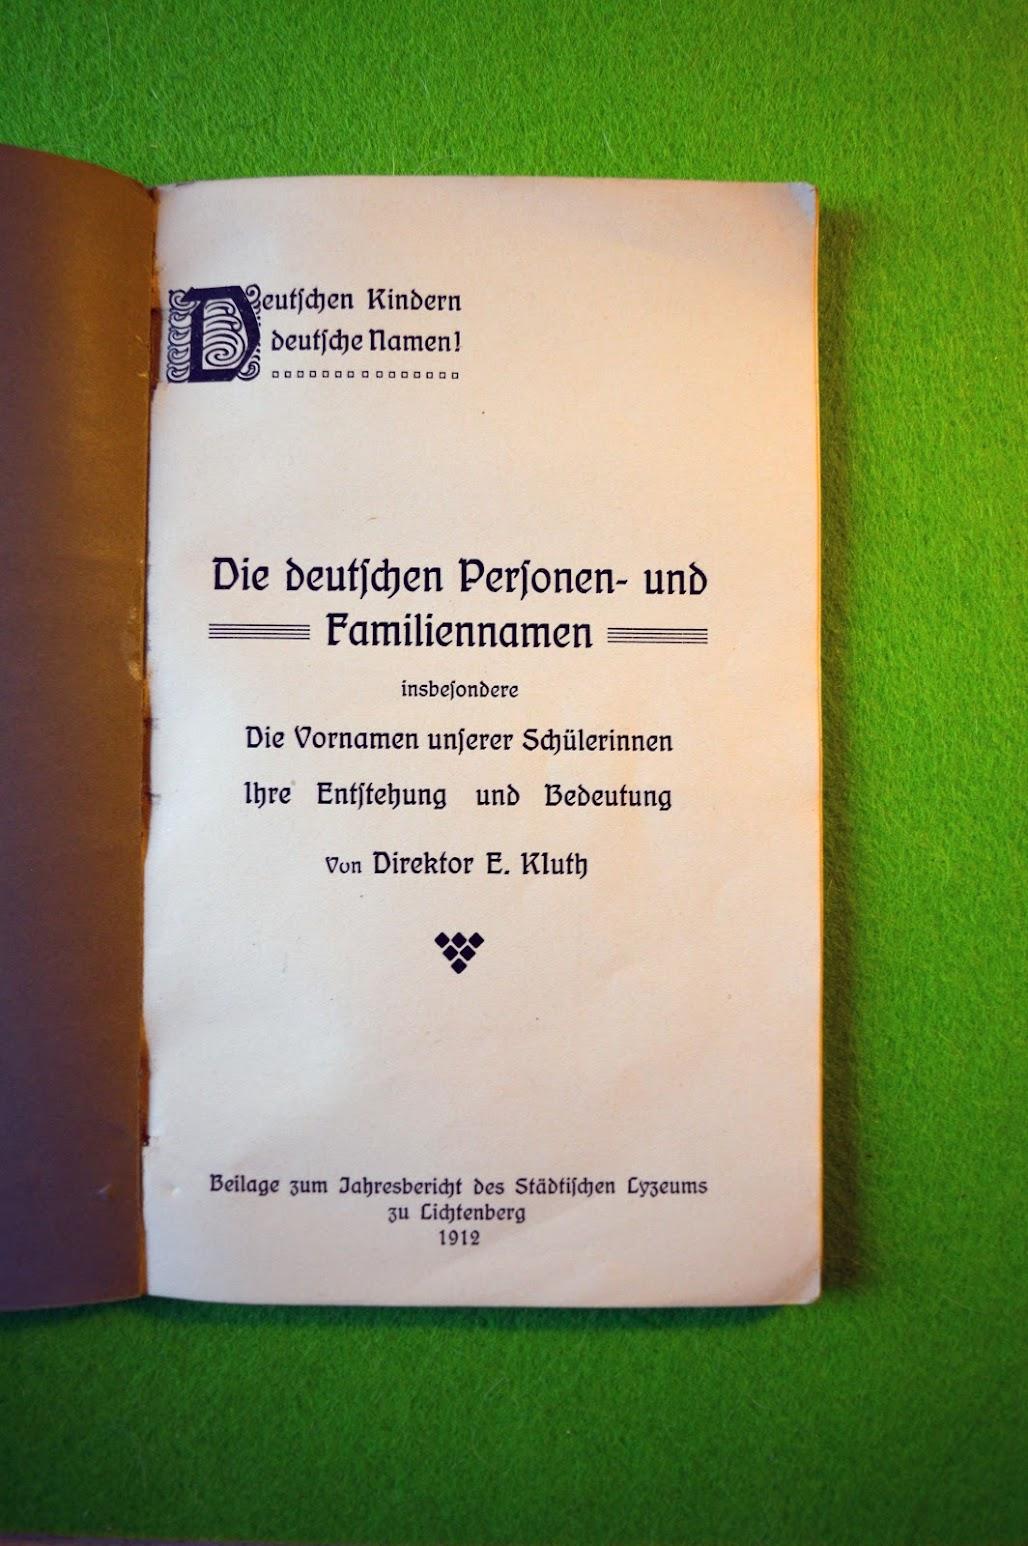 Deutschen Kindern deutsche Namen! - Vornamenbuch von 1912